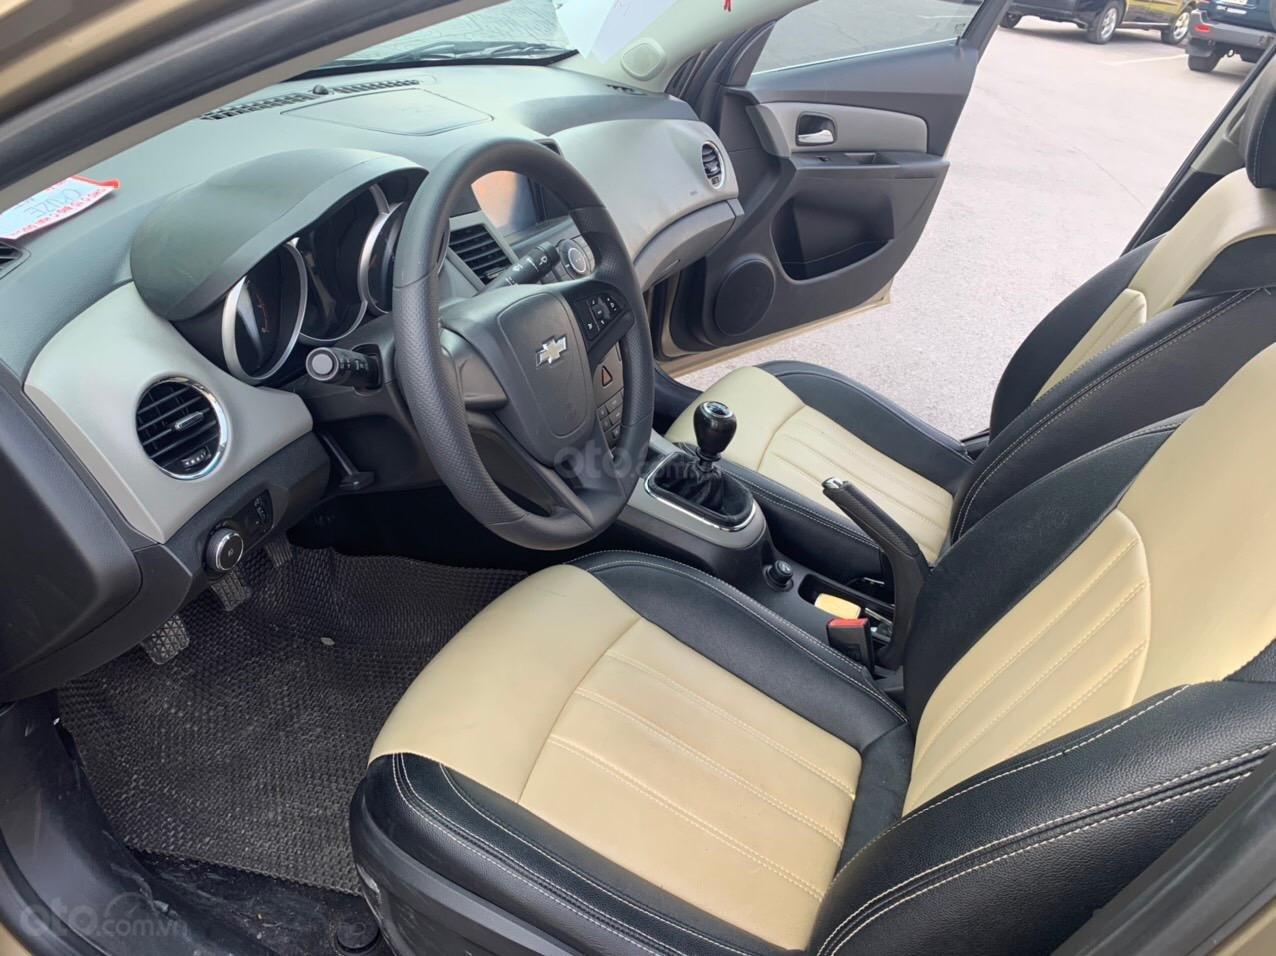 Cần bán Chevrolet Cruze sx 2013 số sàn 1.6 màu vàng - Quang Tiệp 0865.567.369 (7)